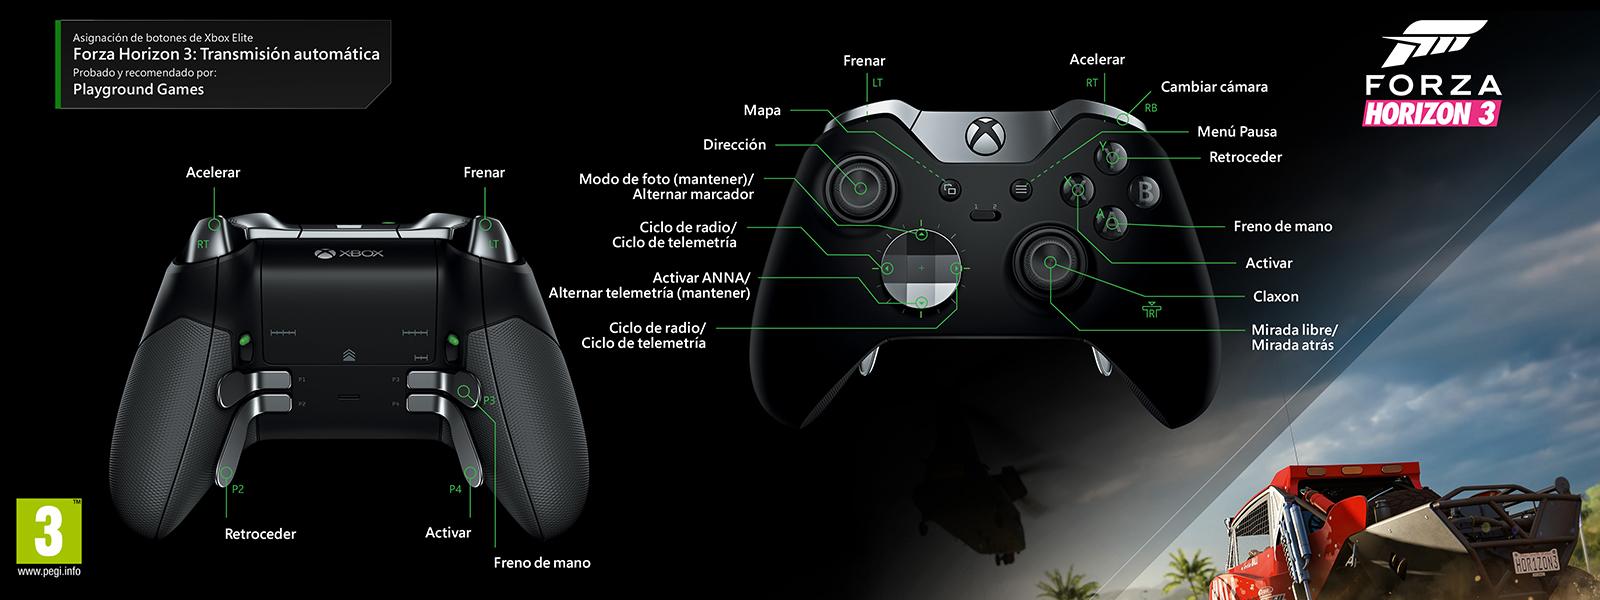 Forza Horizon 3: transmisión automática (asignación de funciones del mando Elite)